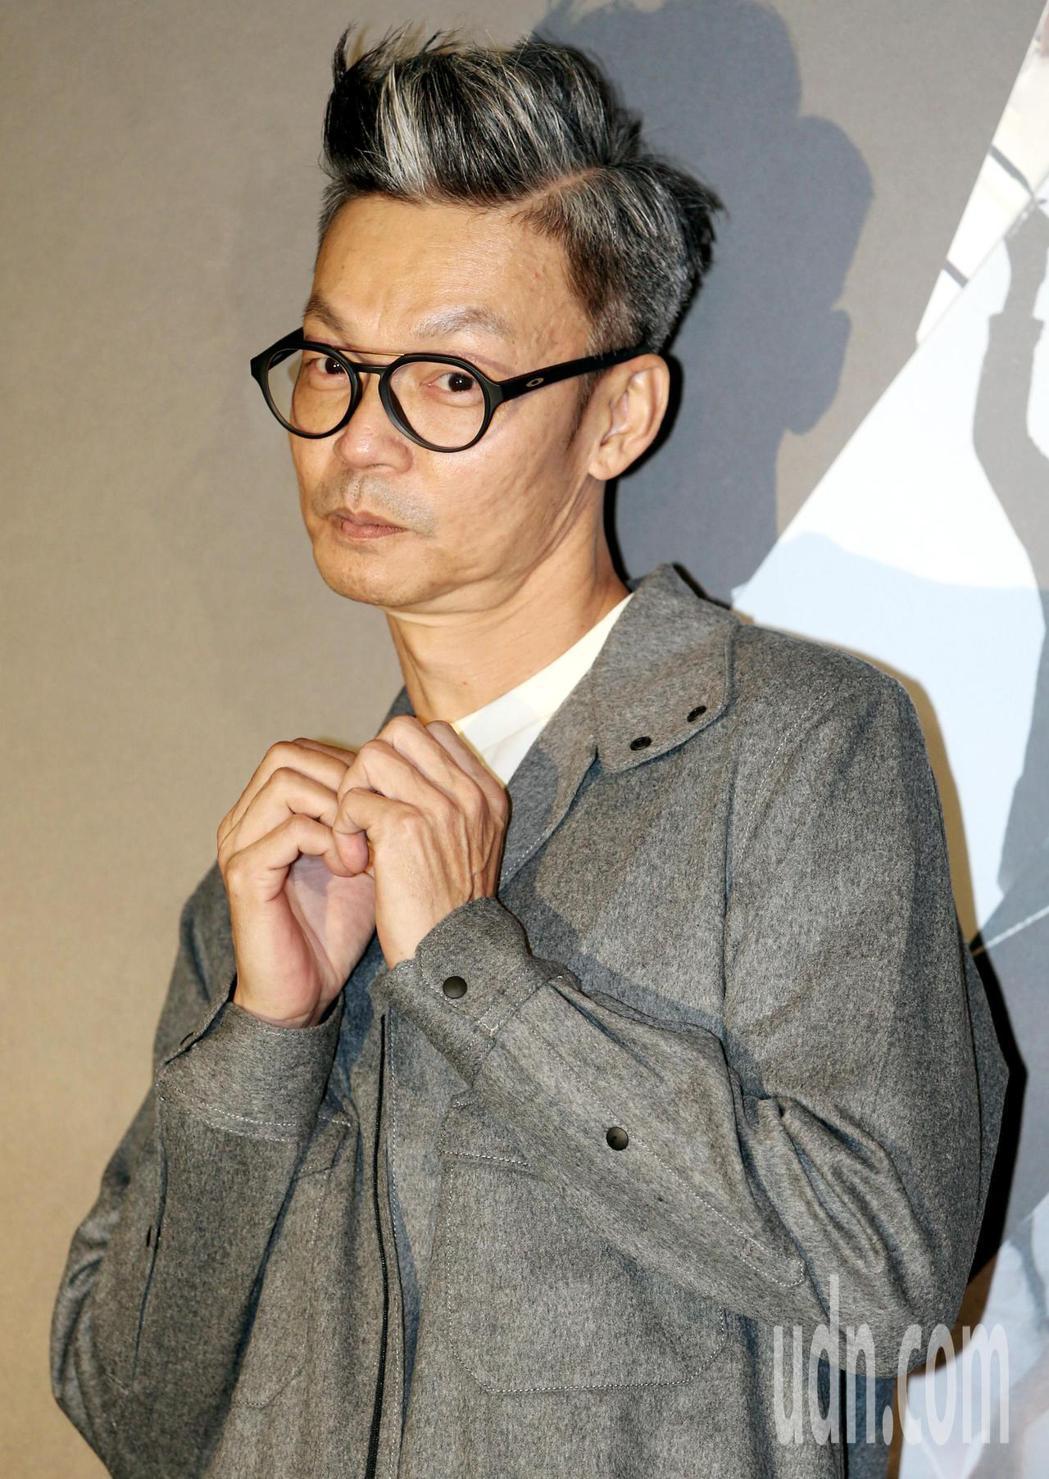 李國煌在戲中飾演一個為了生計被迫反串變裝成皇后的父親。記者侯永全/攝影